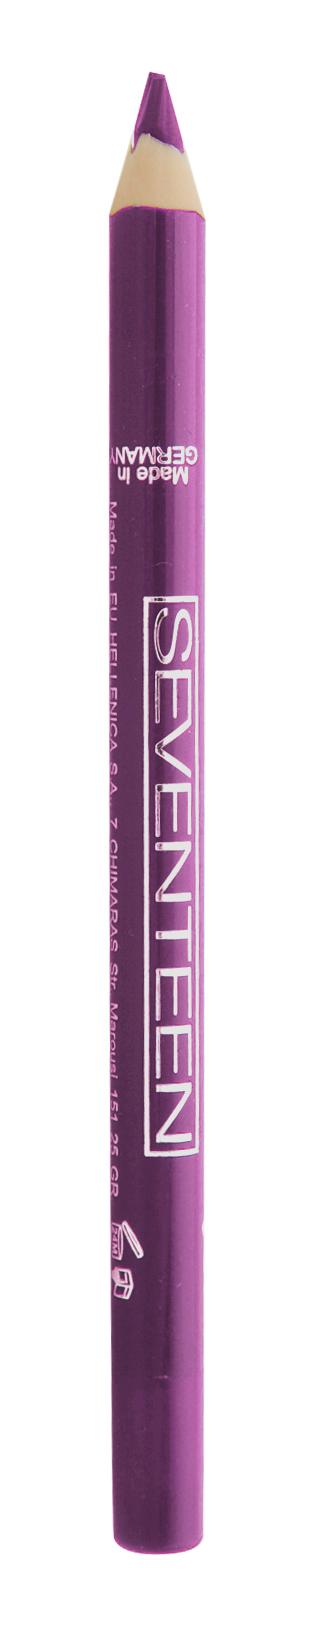 SEVENTEEN Карандаш для губ водостойкий с витамином Е, 33 холодный виноградный / Super Smooth W/P Lip Liner 1,2 г косметические карандаши seventeen карандаш для губ водостойкий с витамином е super smooth w p lip liner 32